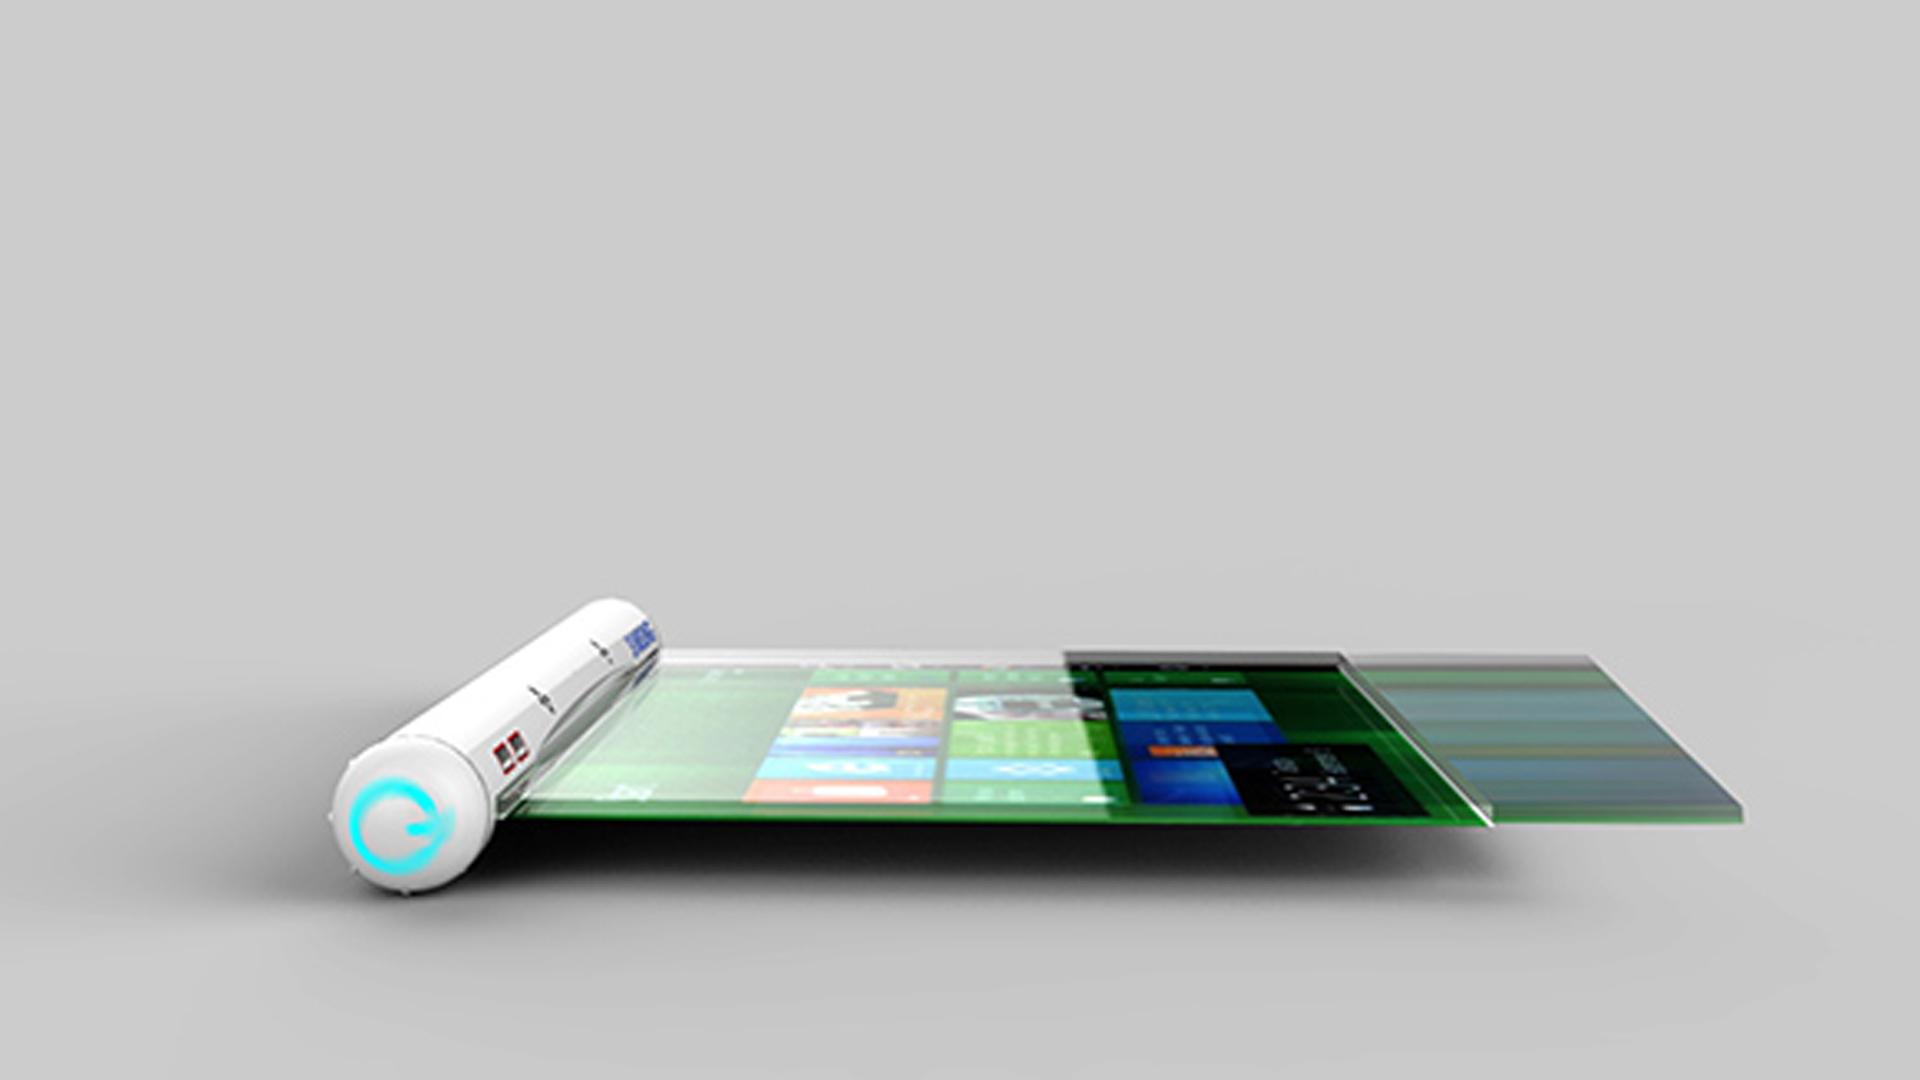 un nouveau concept de tablette tactile chez samsung. Black Bedroom Furniture Sets. Home Design Ideas